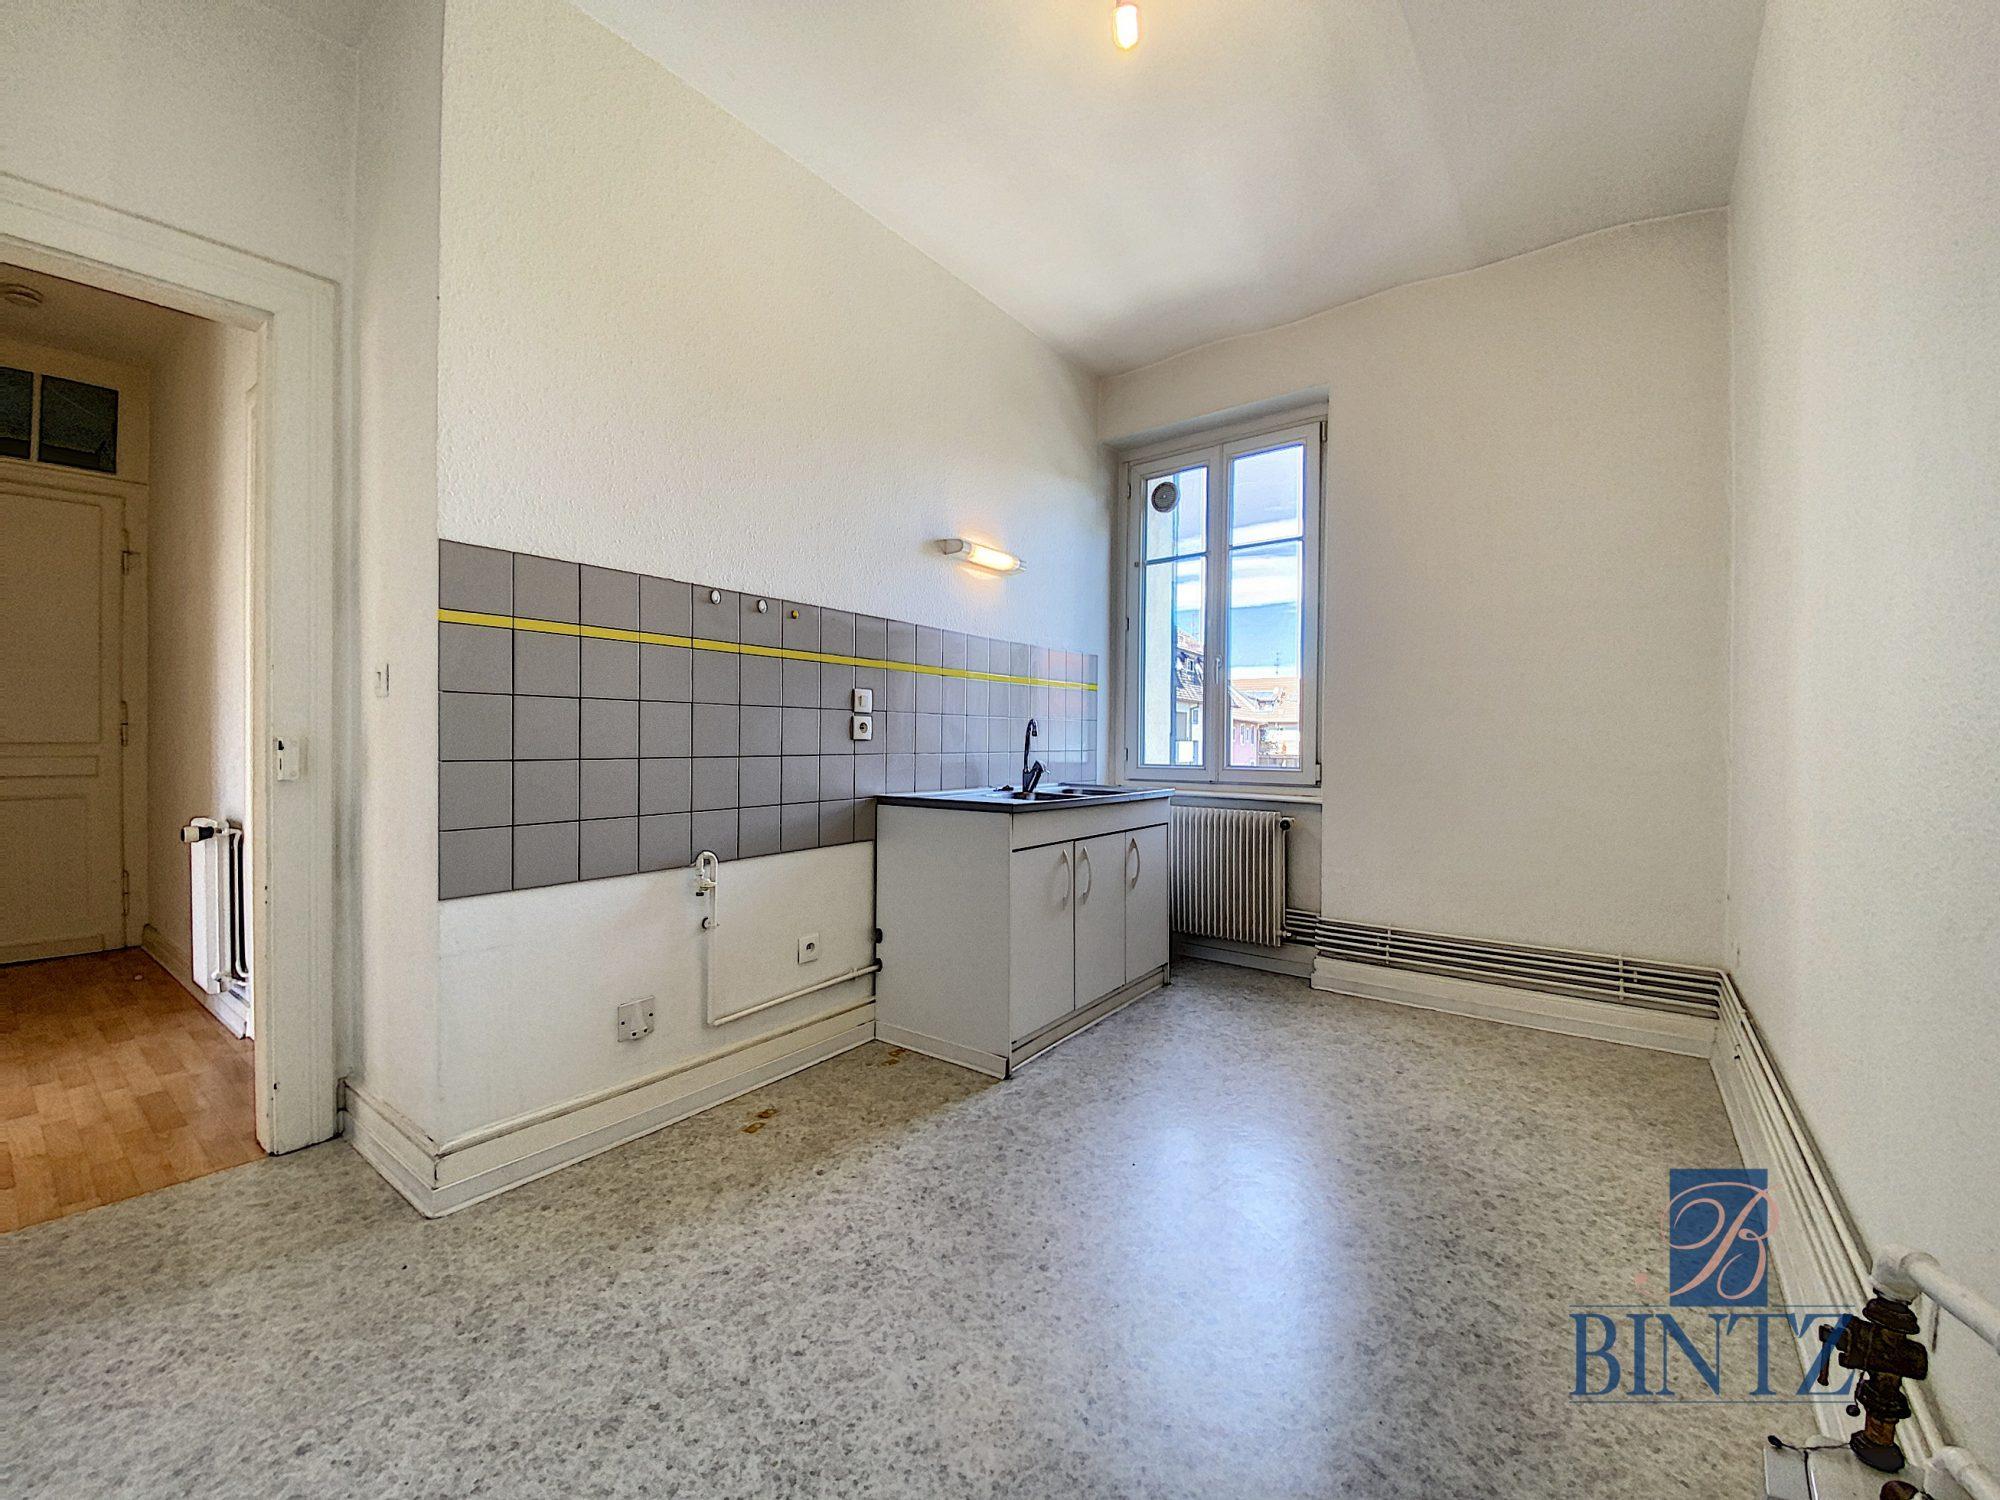 2 PIÈCES NEUDORF - Devenez locataire en toute sérénité - Bintz Immobilier - 9